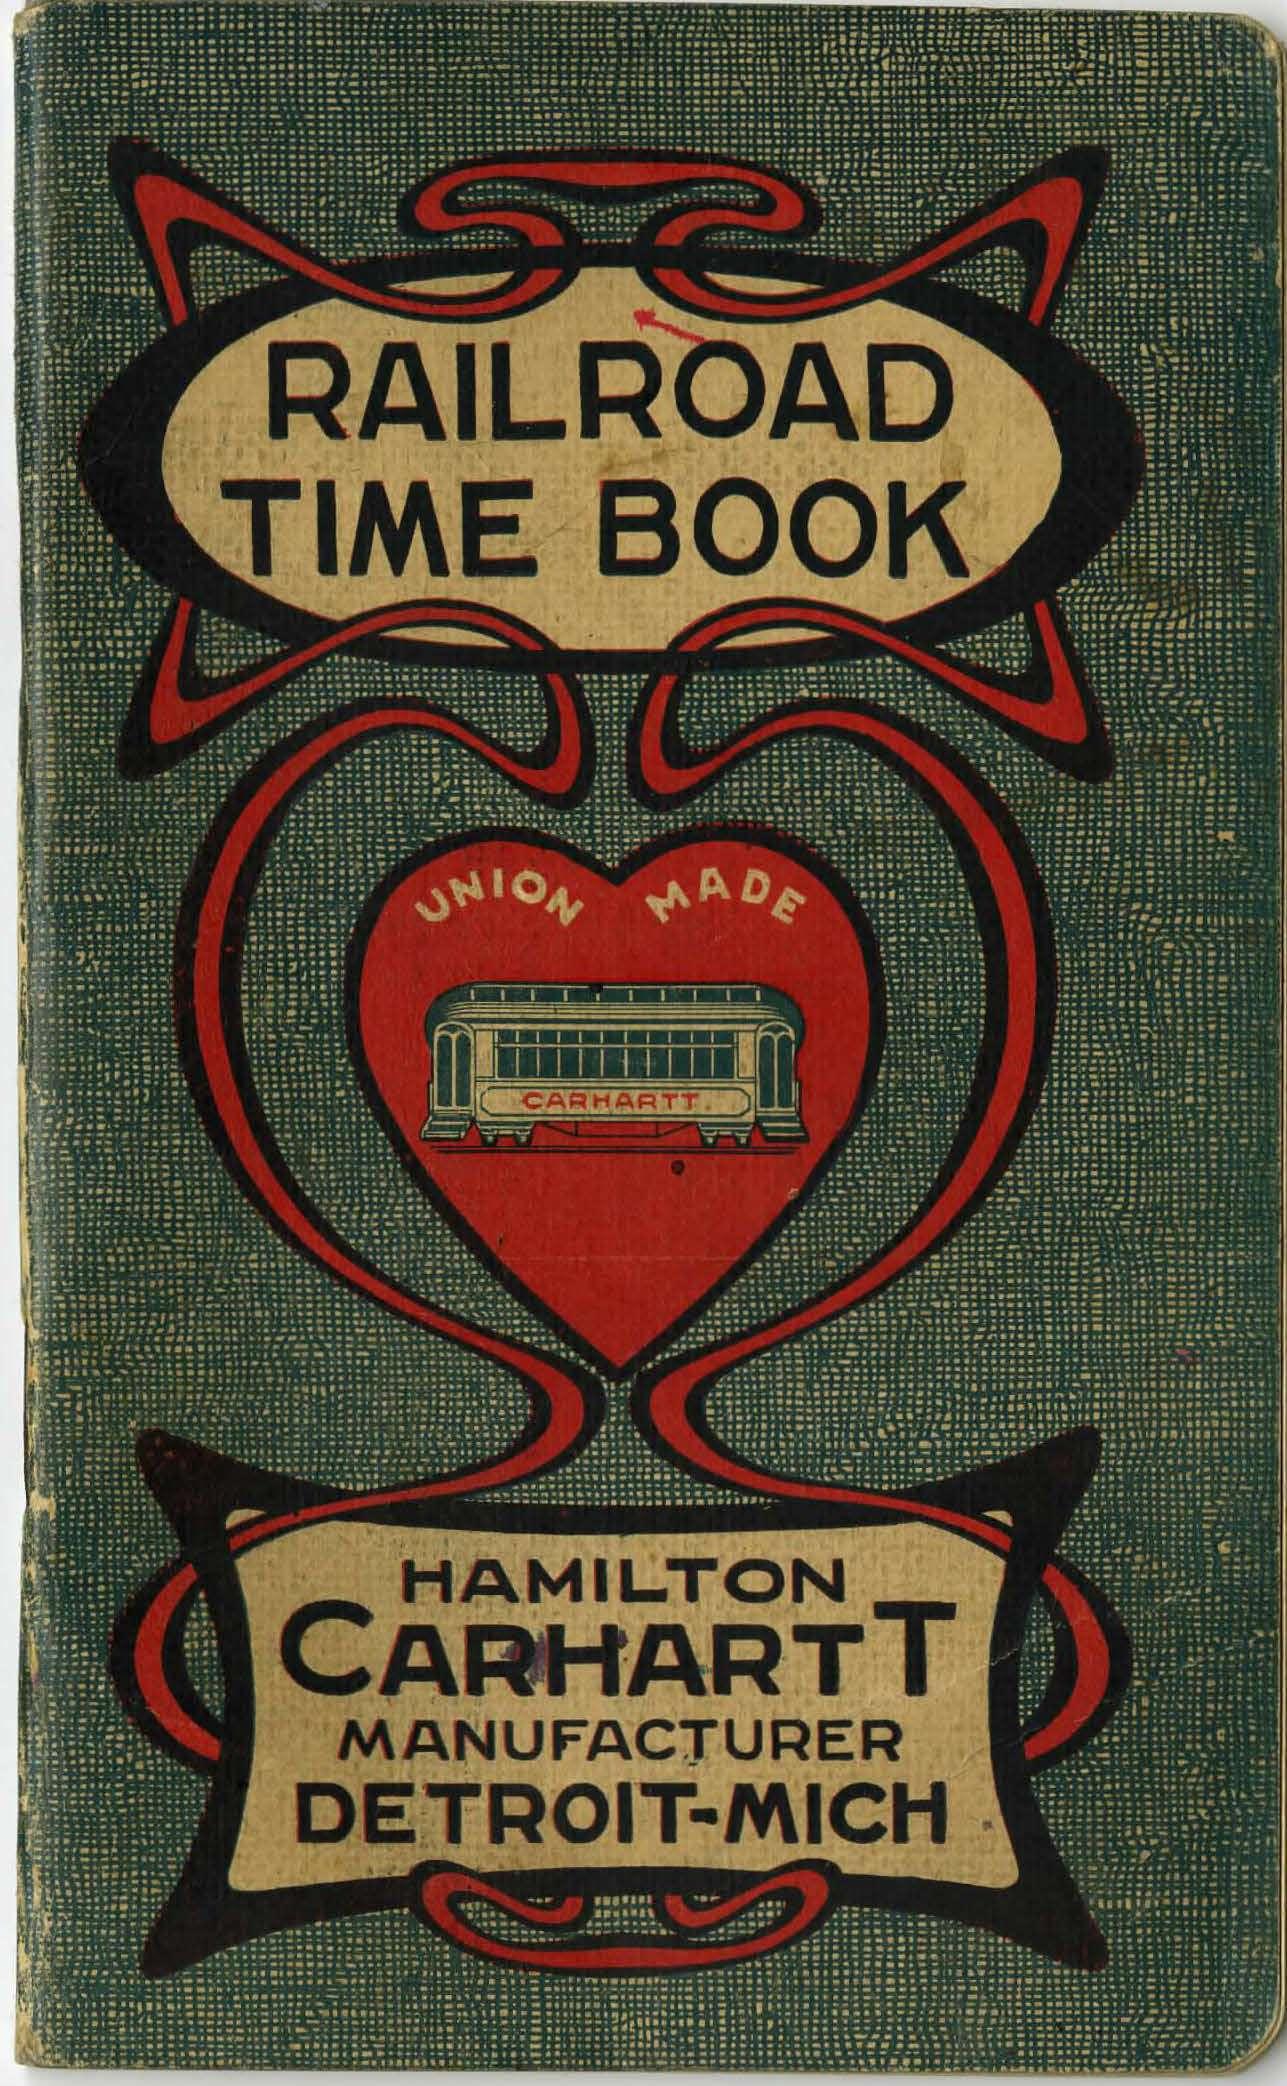 Railroad Time Book, circa 1903